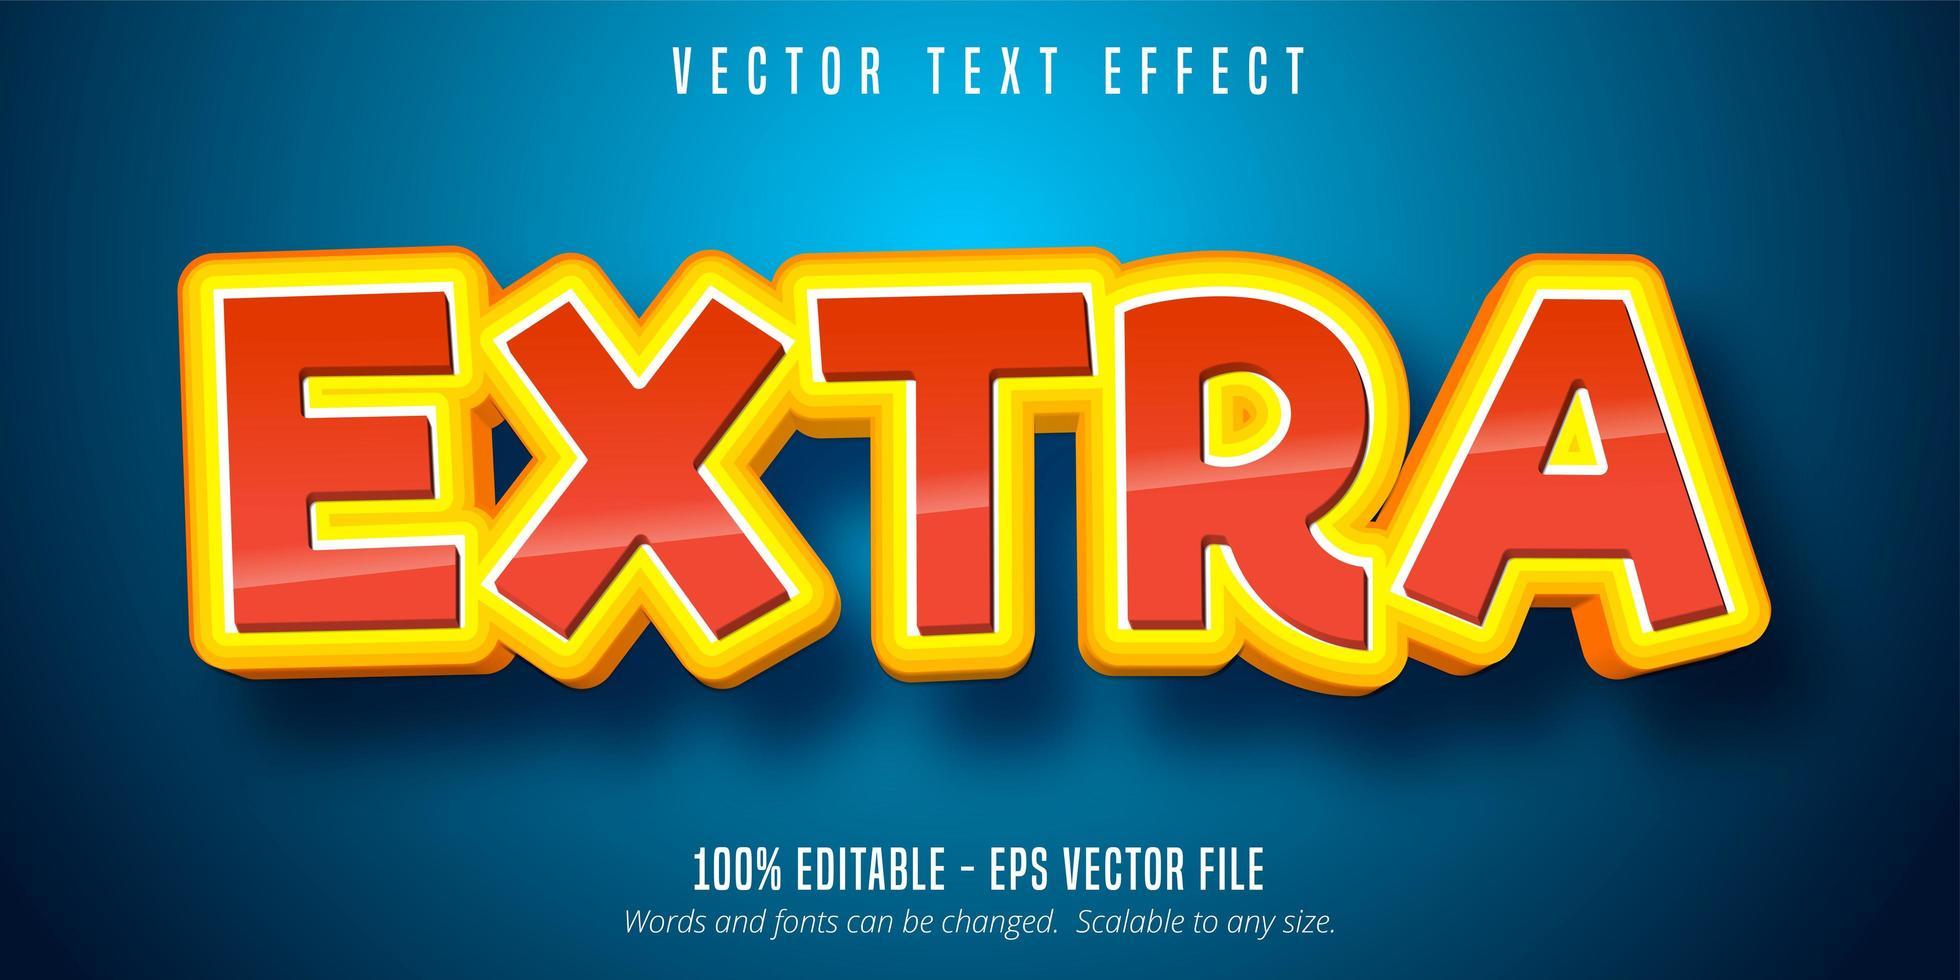 efecto de texto de contorno apilado extra brillante vector